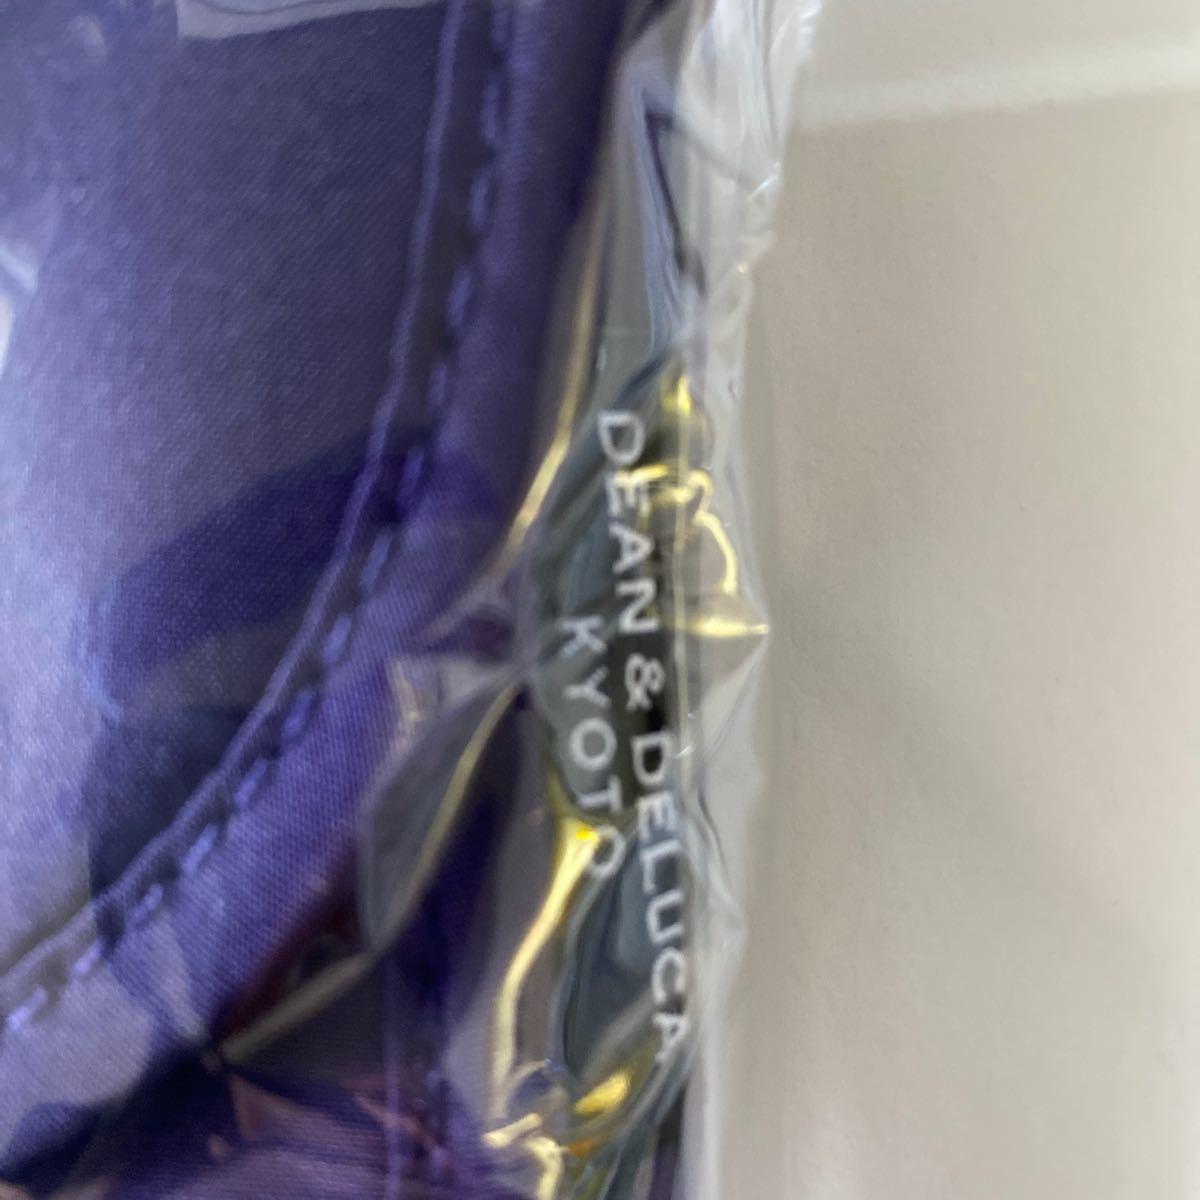 正規品  DEAN&DELUCA エコバッグ ディーン&デルーカ 京都 限定カラー ショッピングバッグ ブラック 2点セット